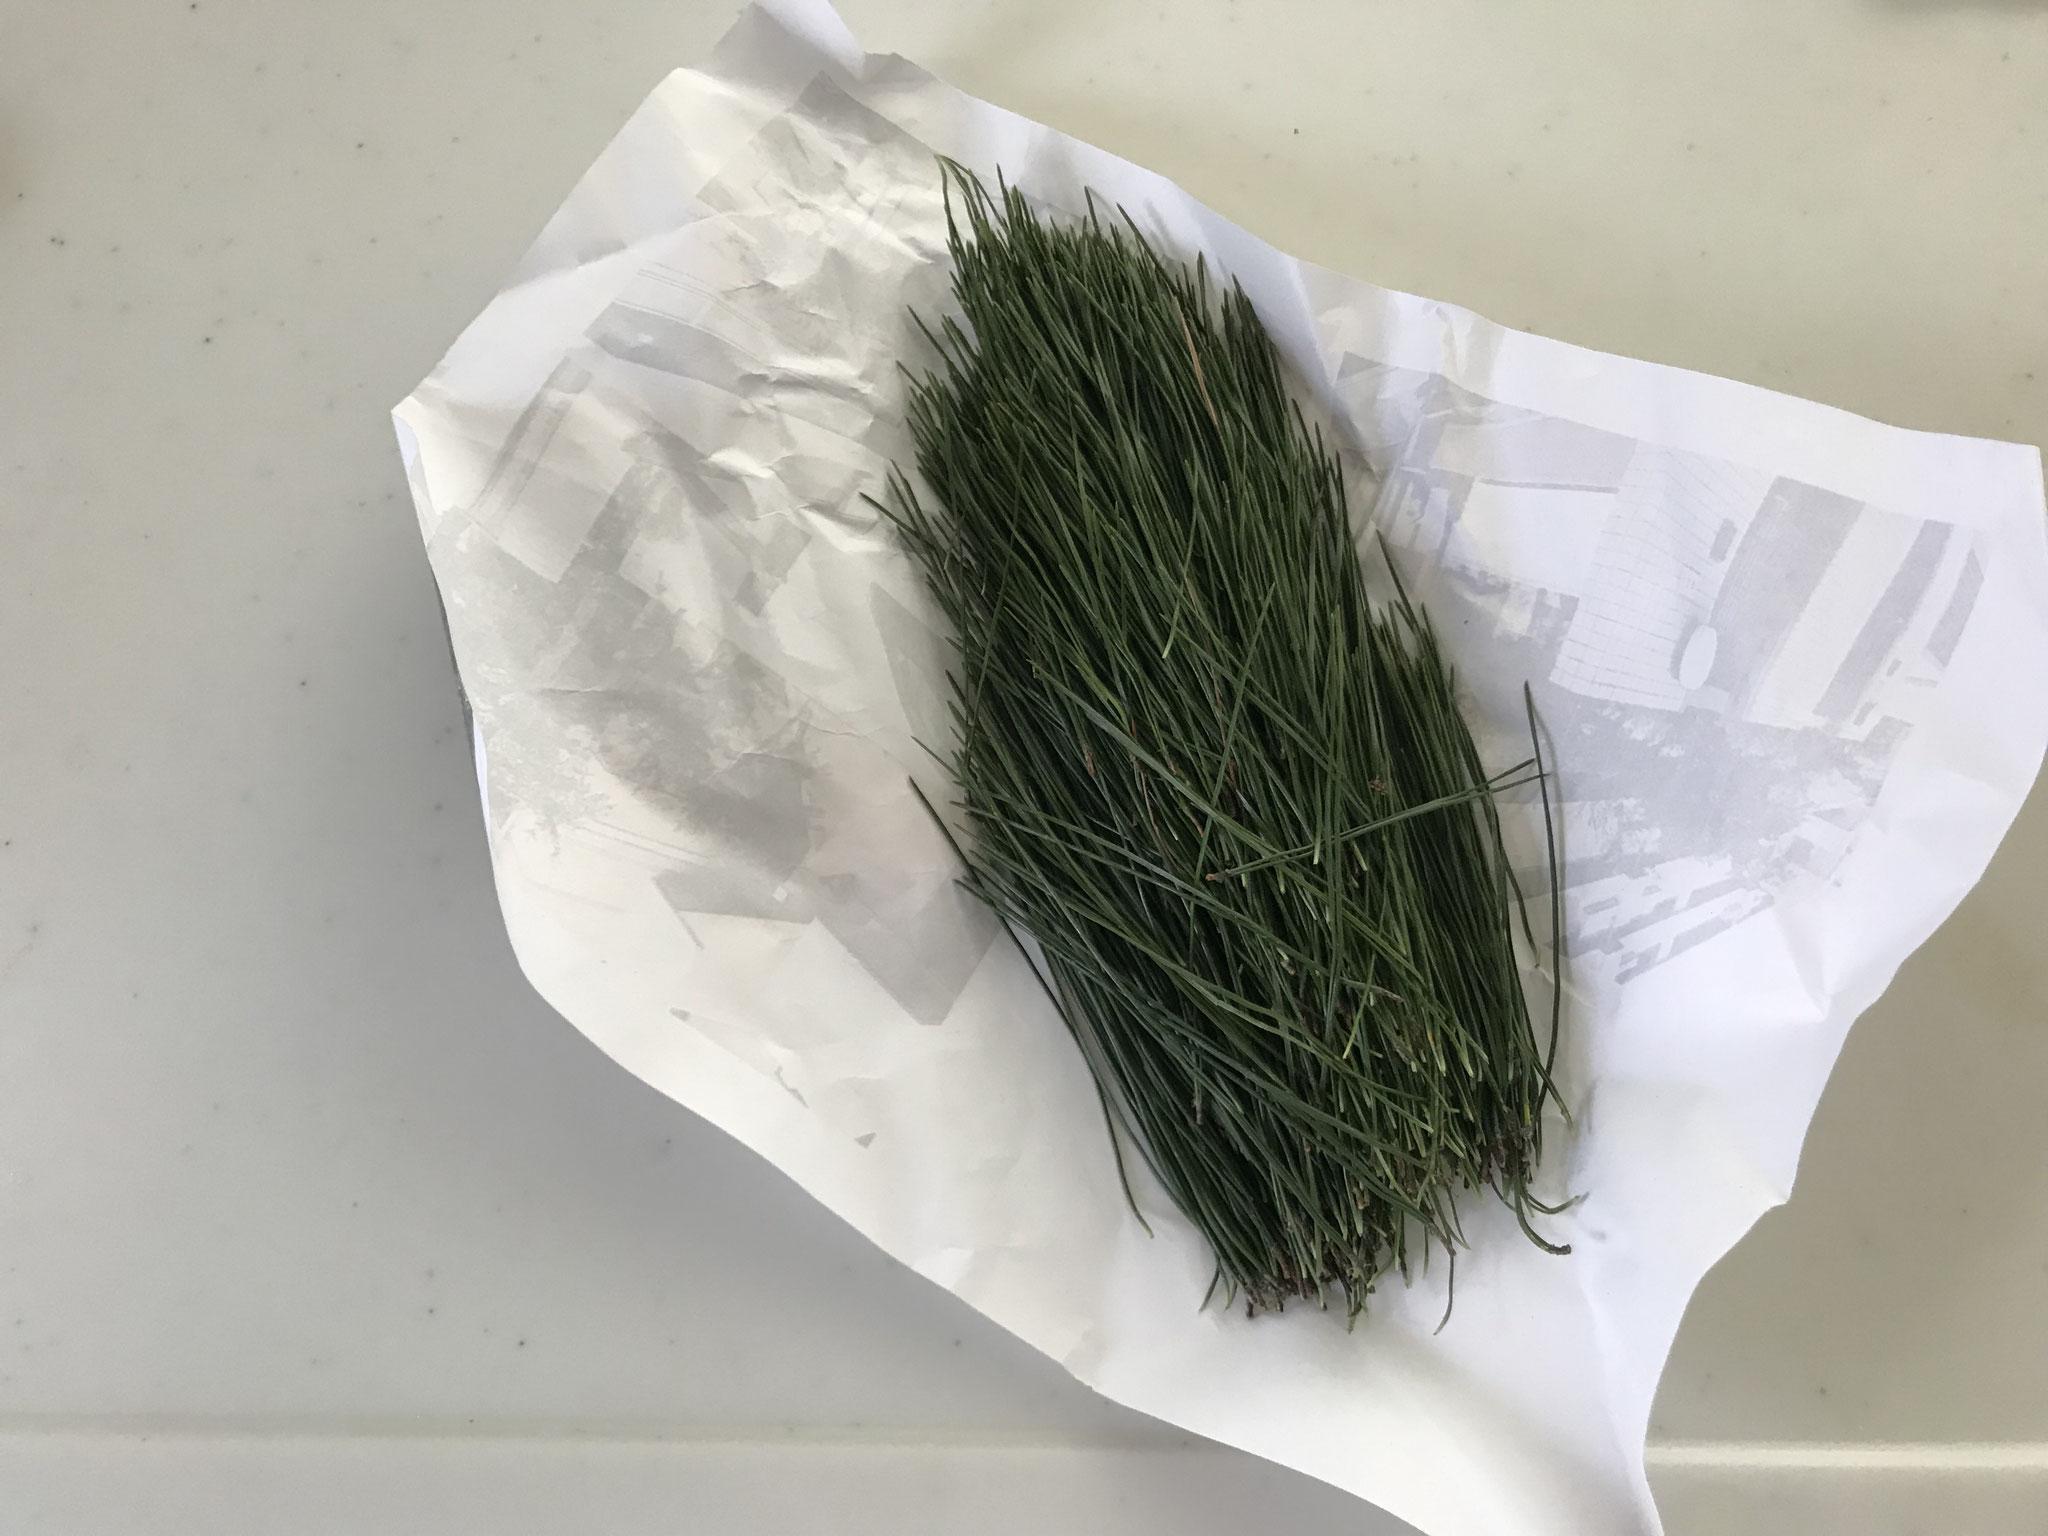 ①松の葉を洗う